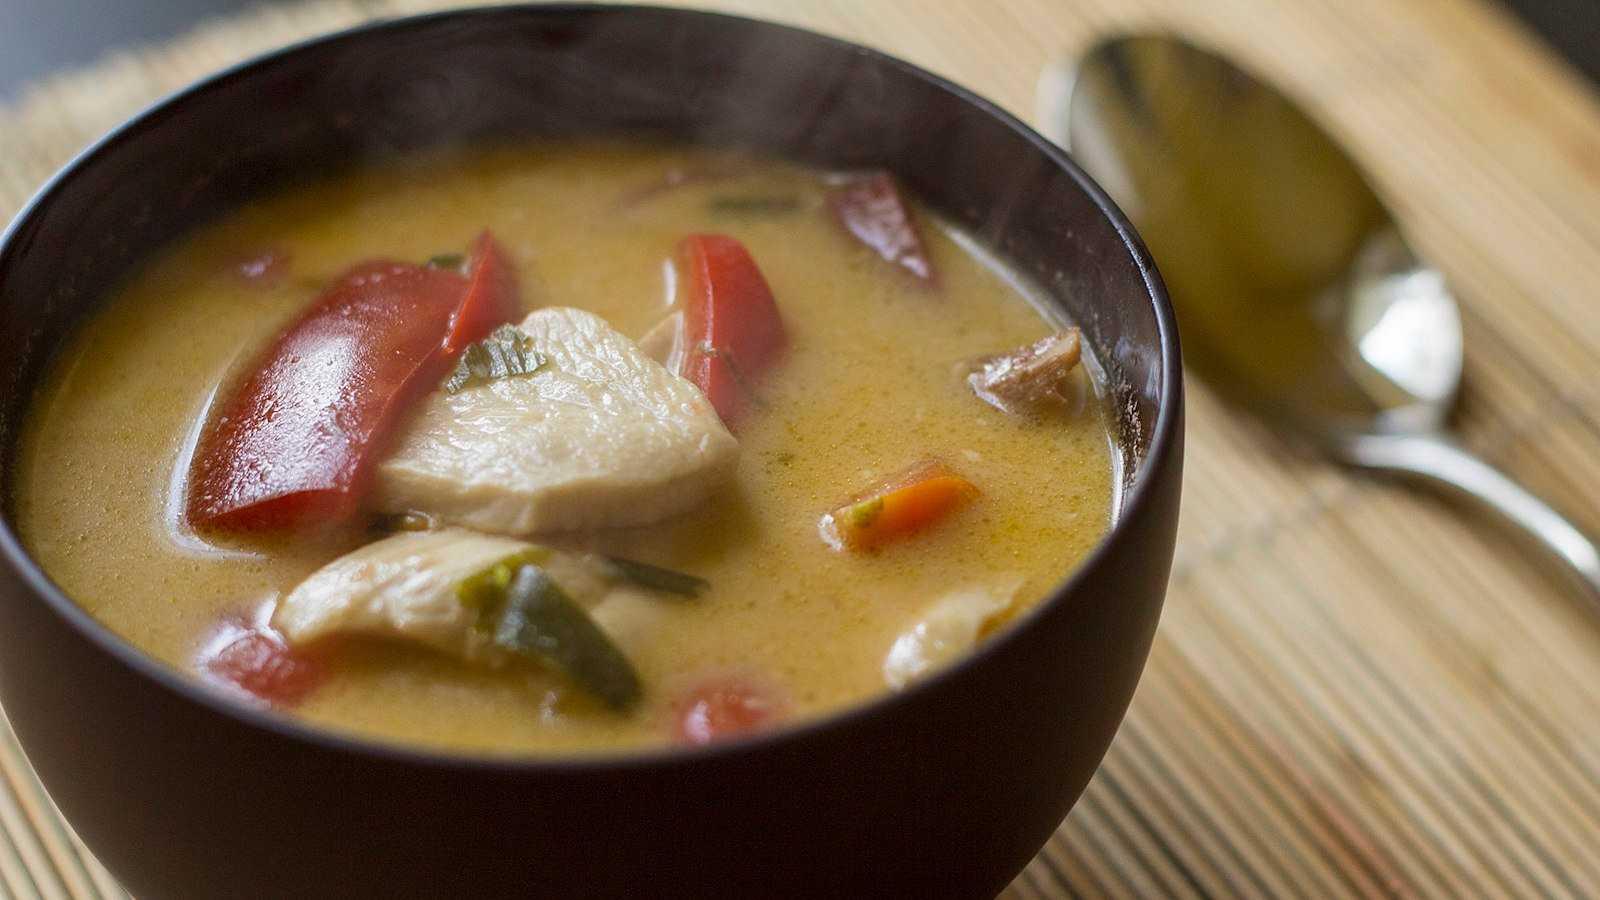 Tom kha gai é outra sopa picante da Tailândia, com leite de coco para cremosidade e geralmente frango como proteína